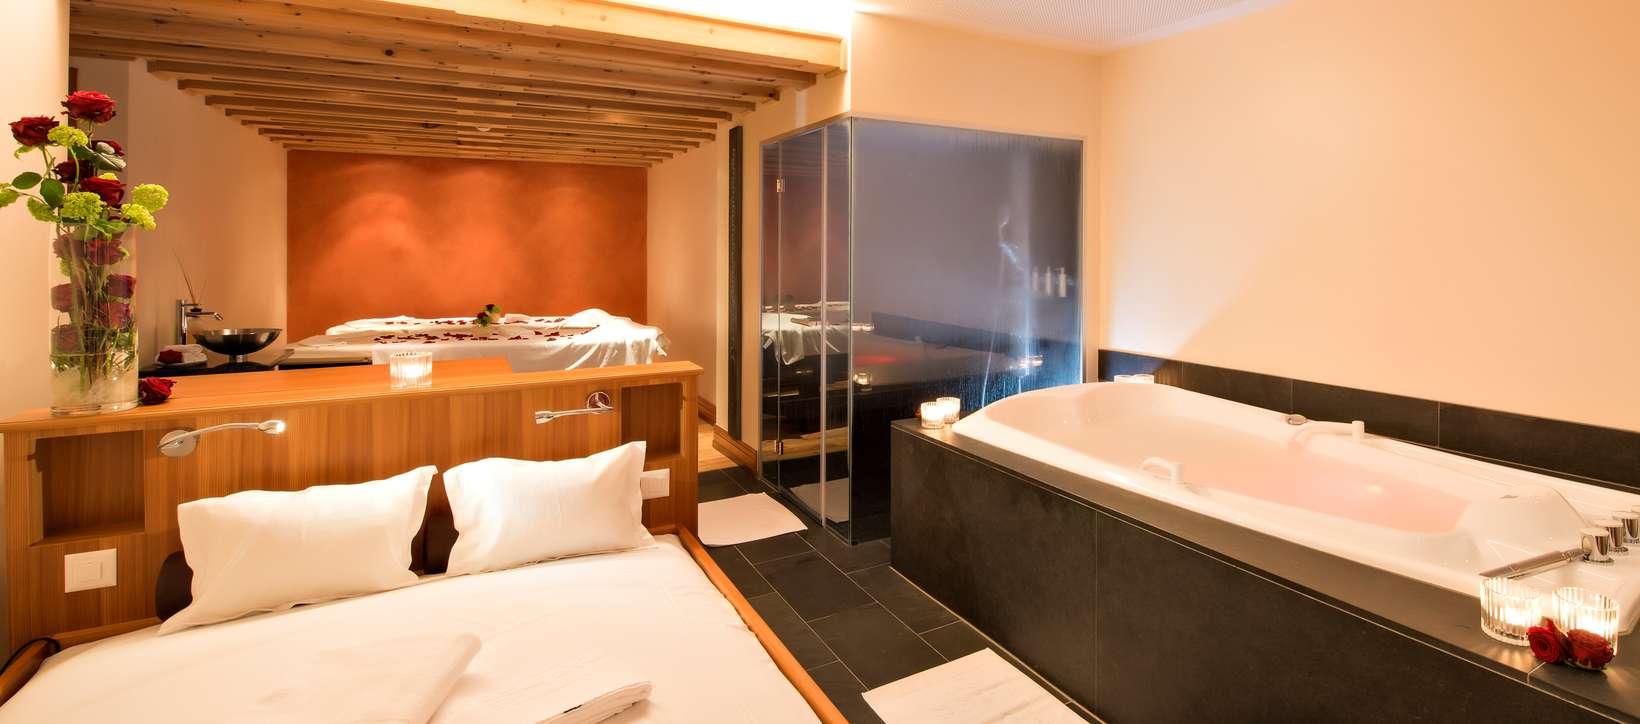 Hotel Kronenhof Pontresina Spa